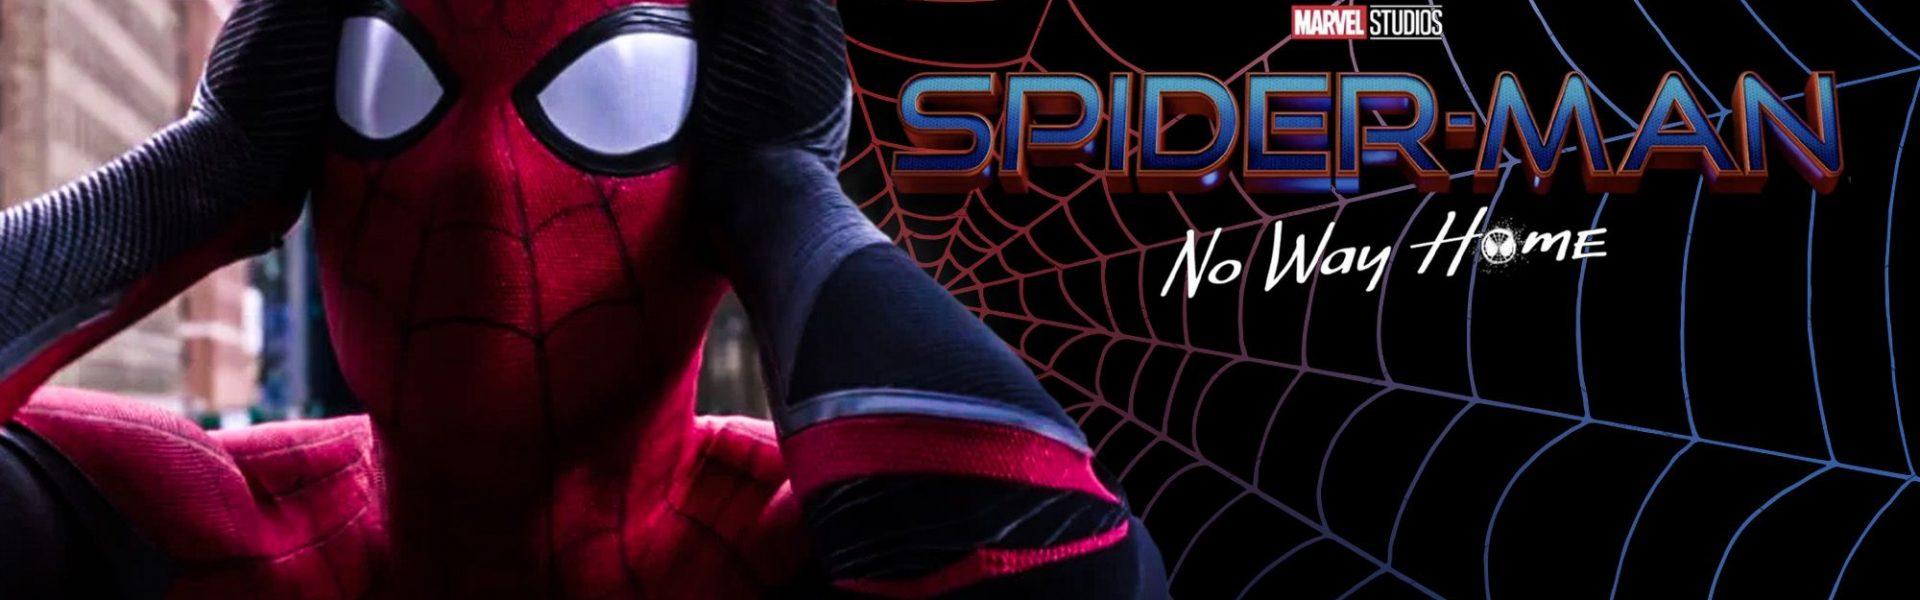 ตัวอย่าง Spiderman : No Way Home